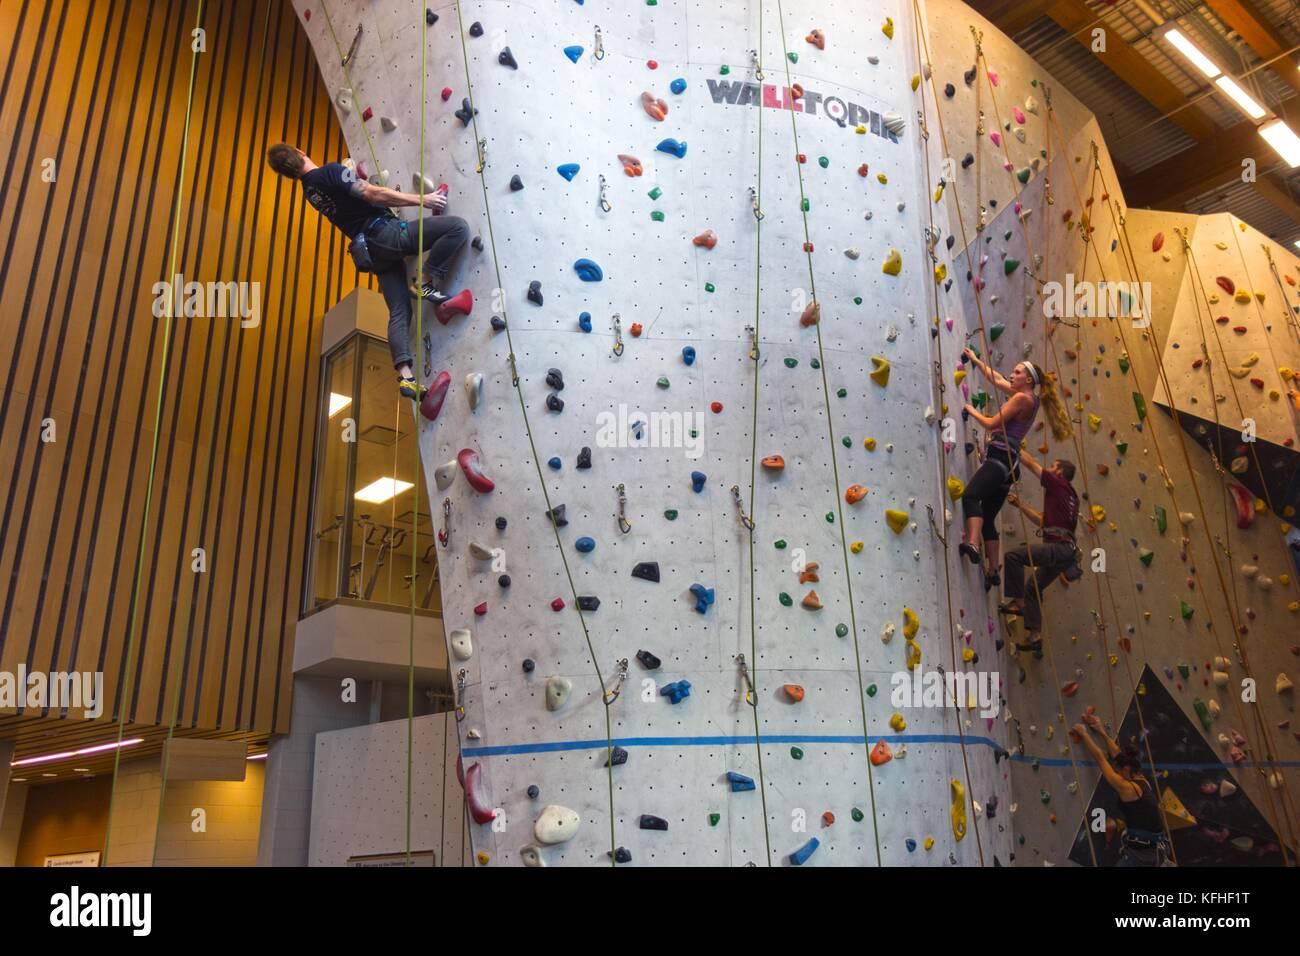 Los escaladores escala vertical pared de escalada en lugar de elevación local de recreo en Canmore alberta Imagen De Stock